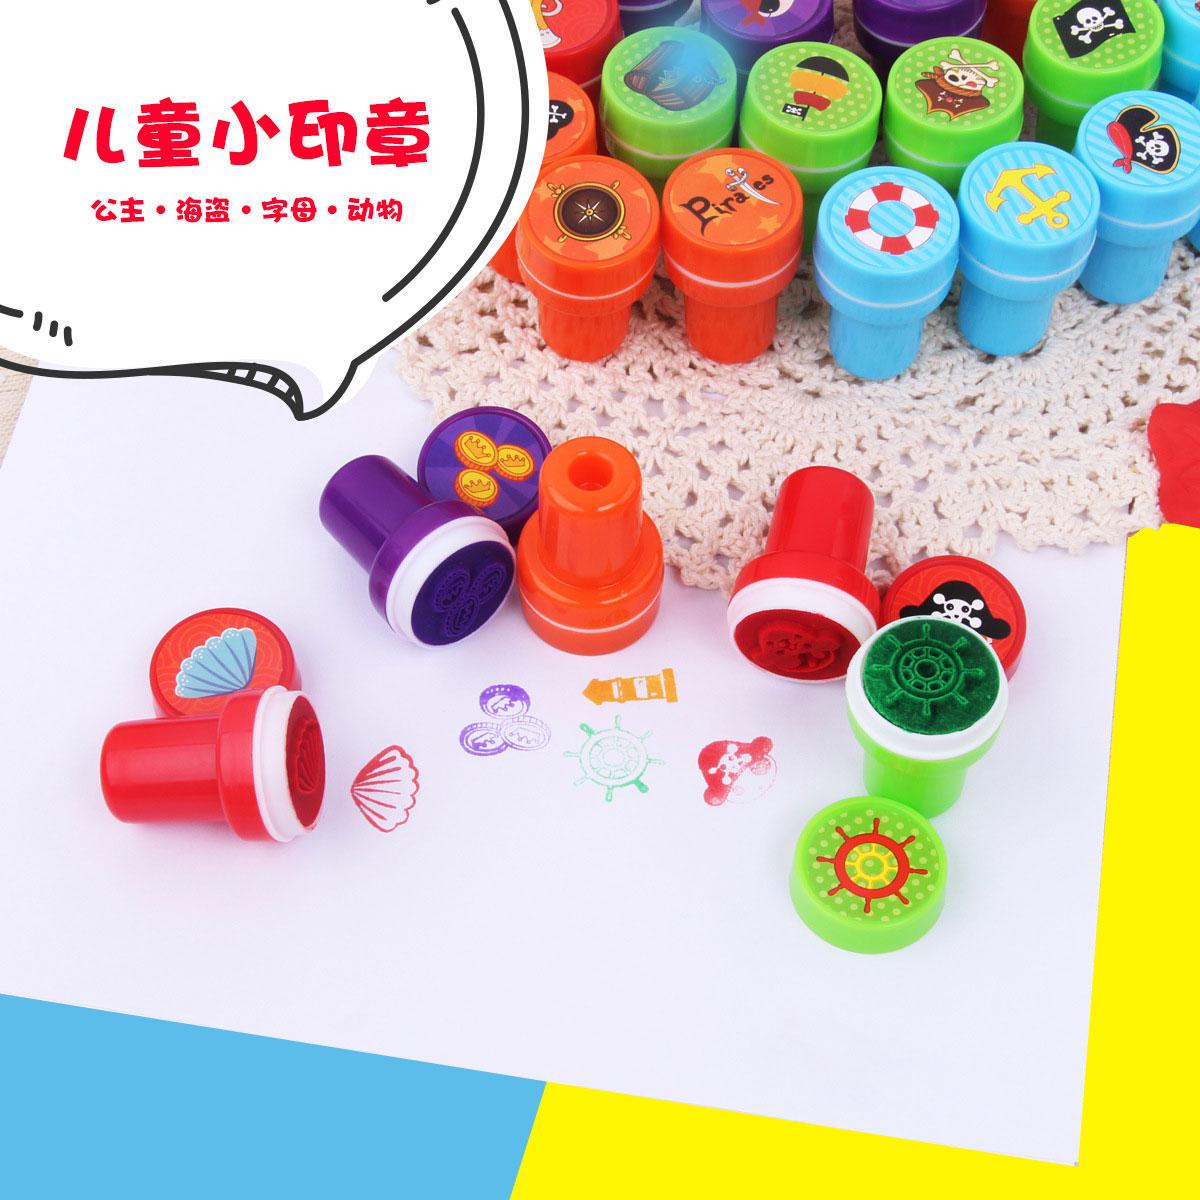 26个英文字母海盗公主动物印章套装 儿童小印章 塑料卡通玩具印章